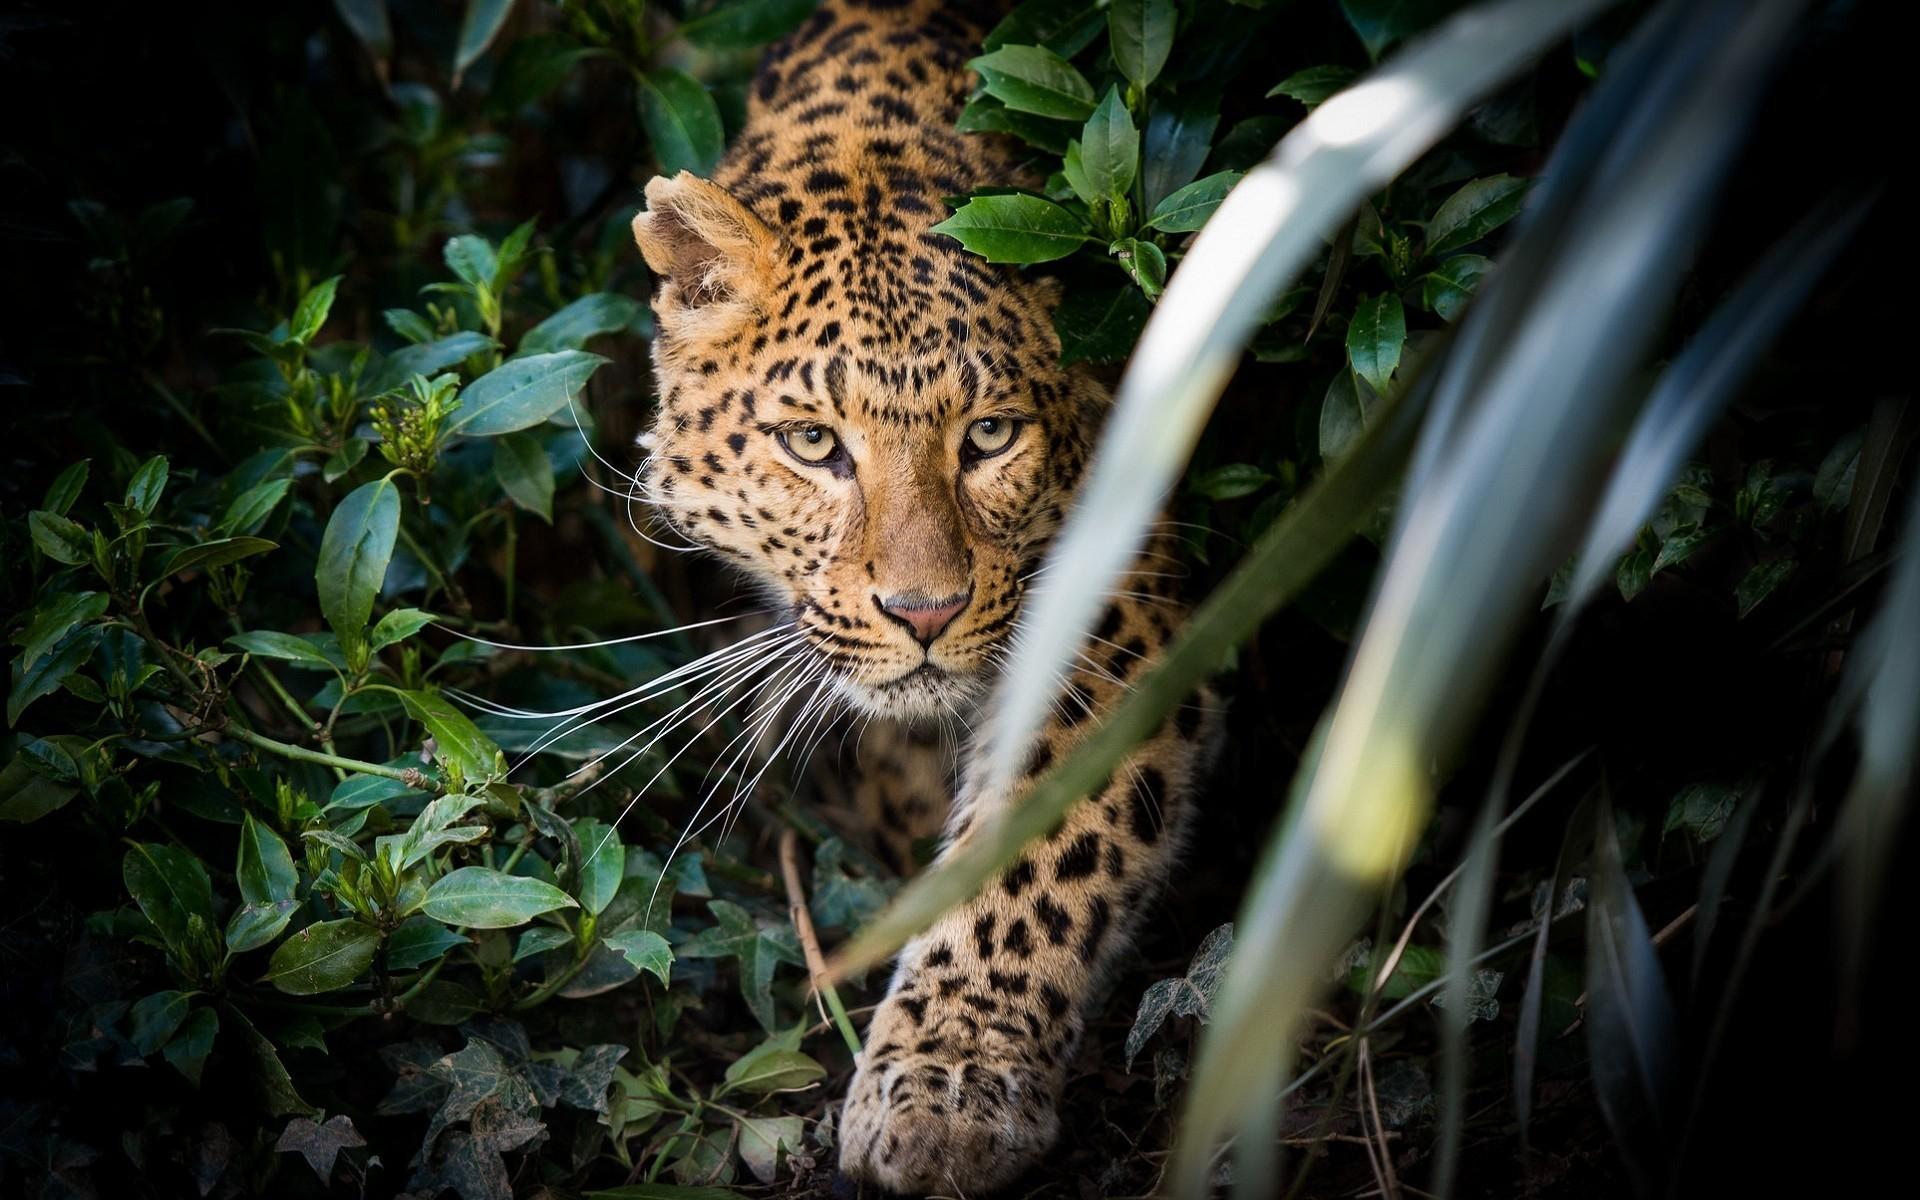 красивые картинки с дикими хищными животными лучше небольшие